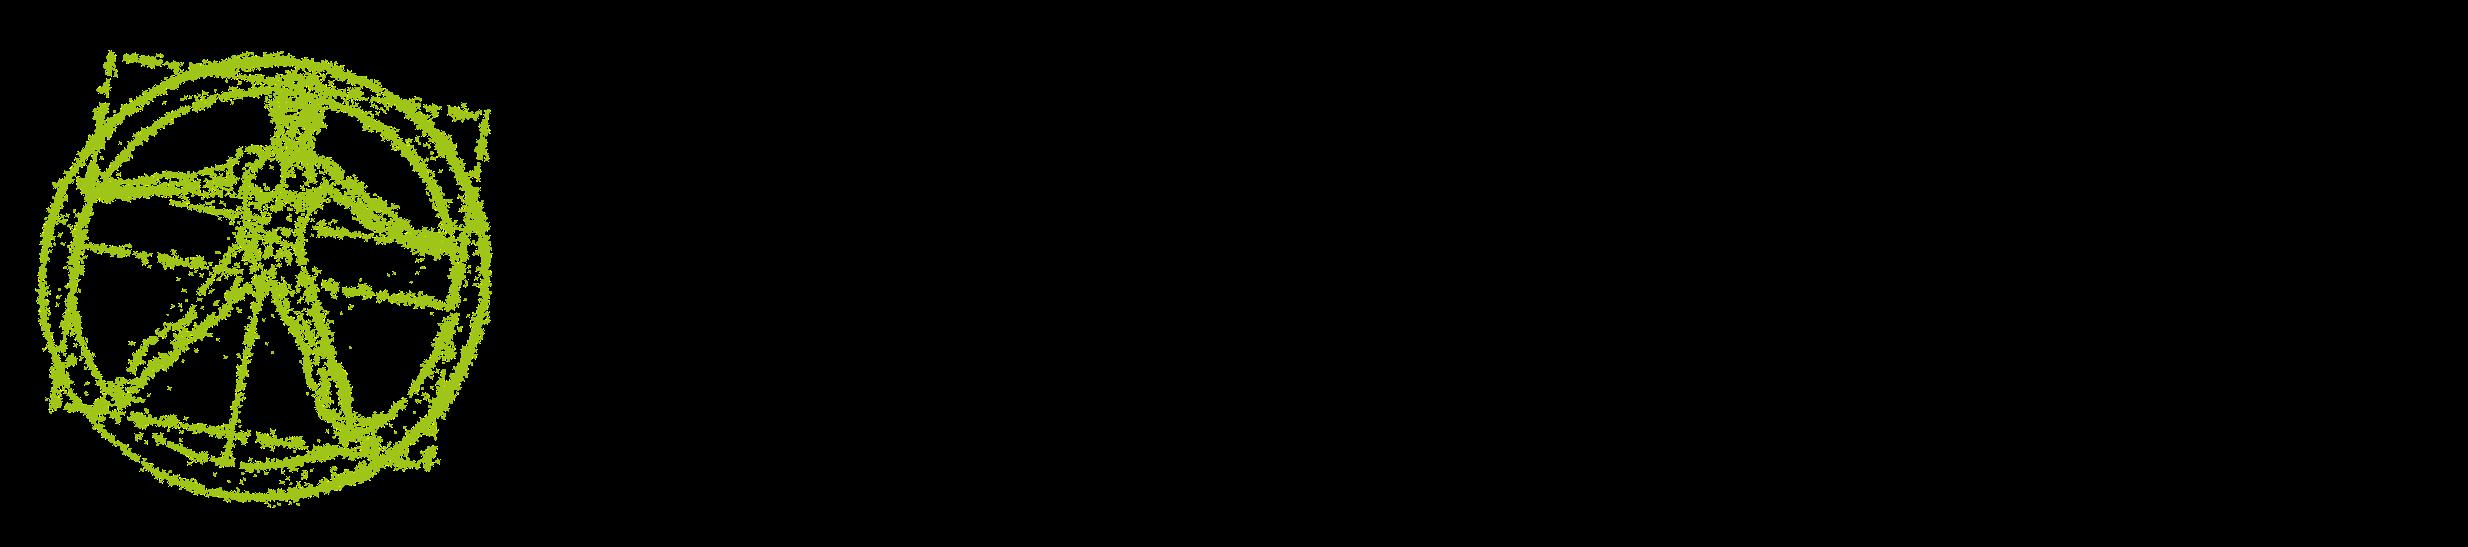 Logo_Schriftzug_schwarz_gedreht